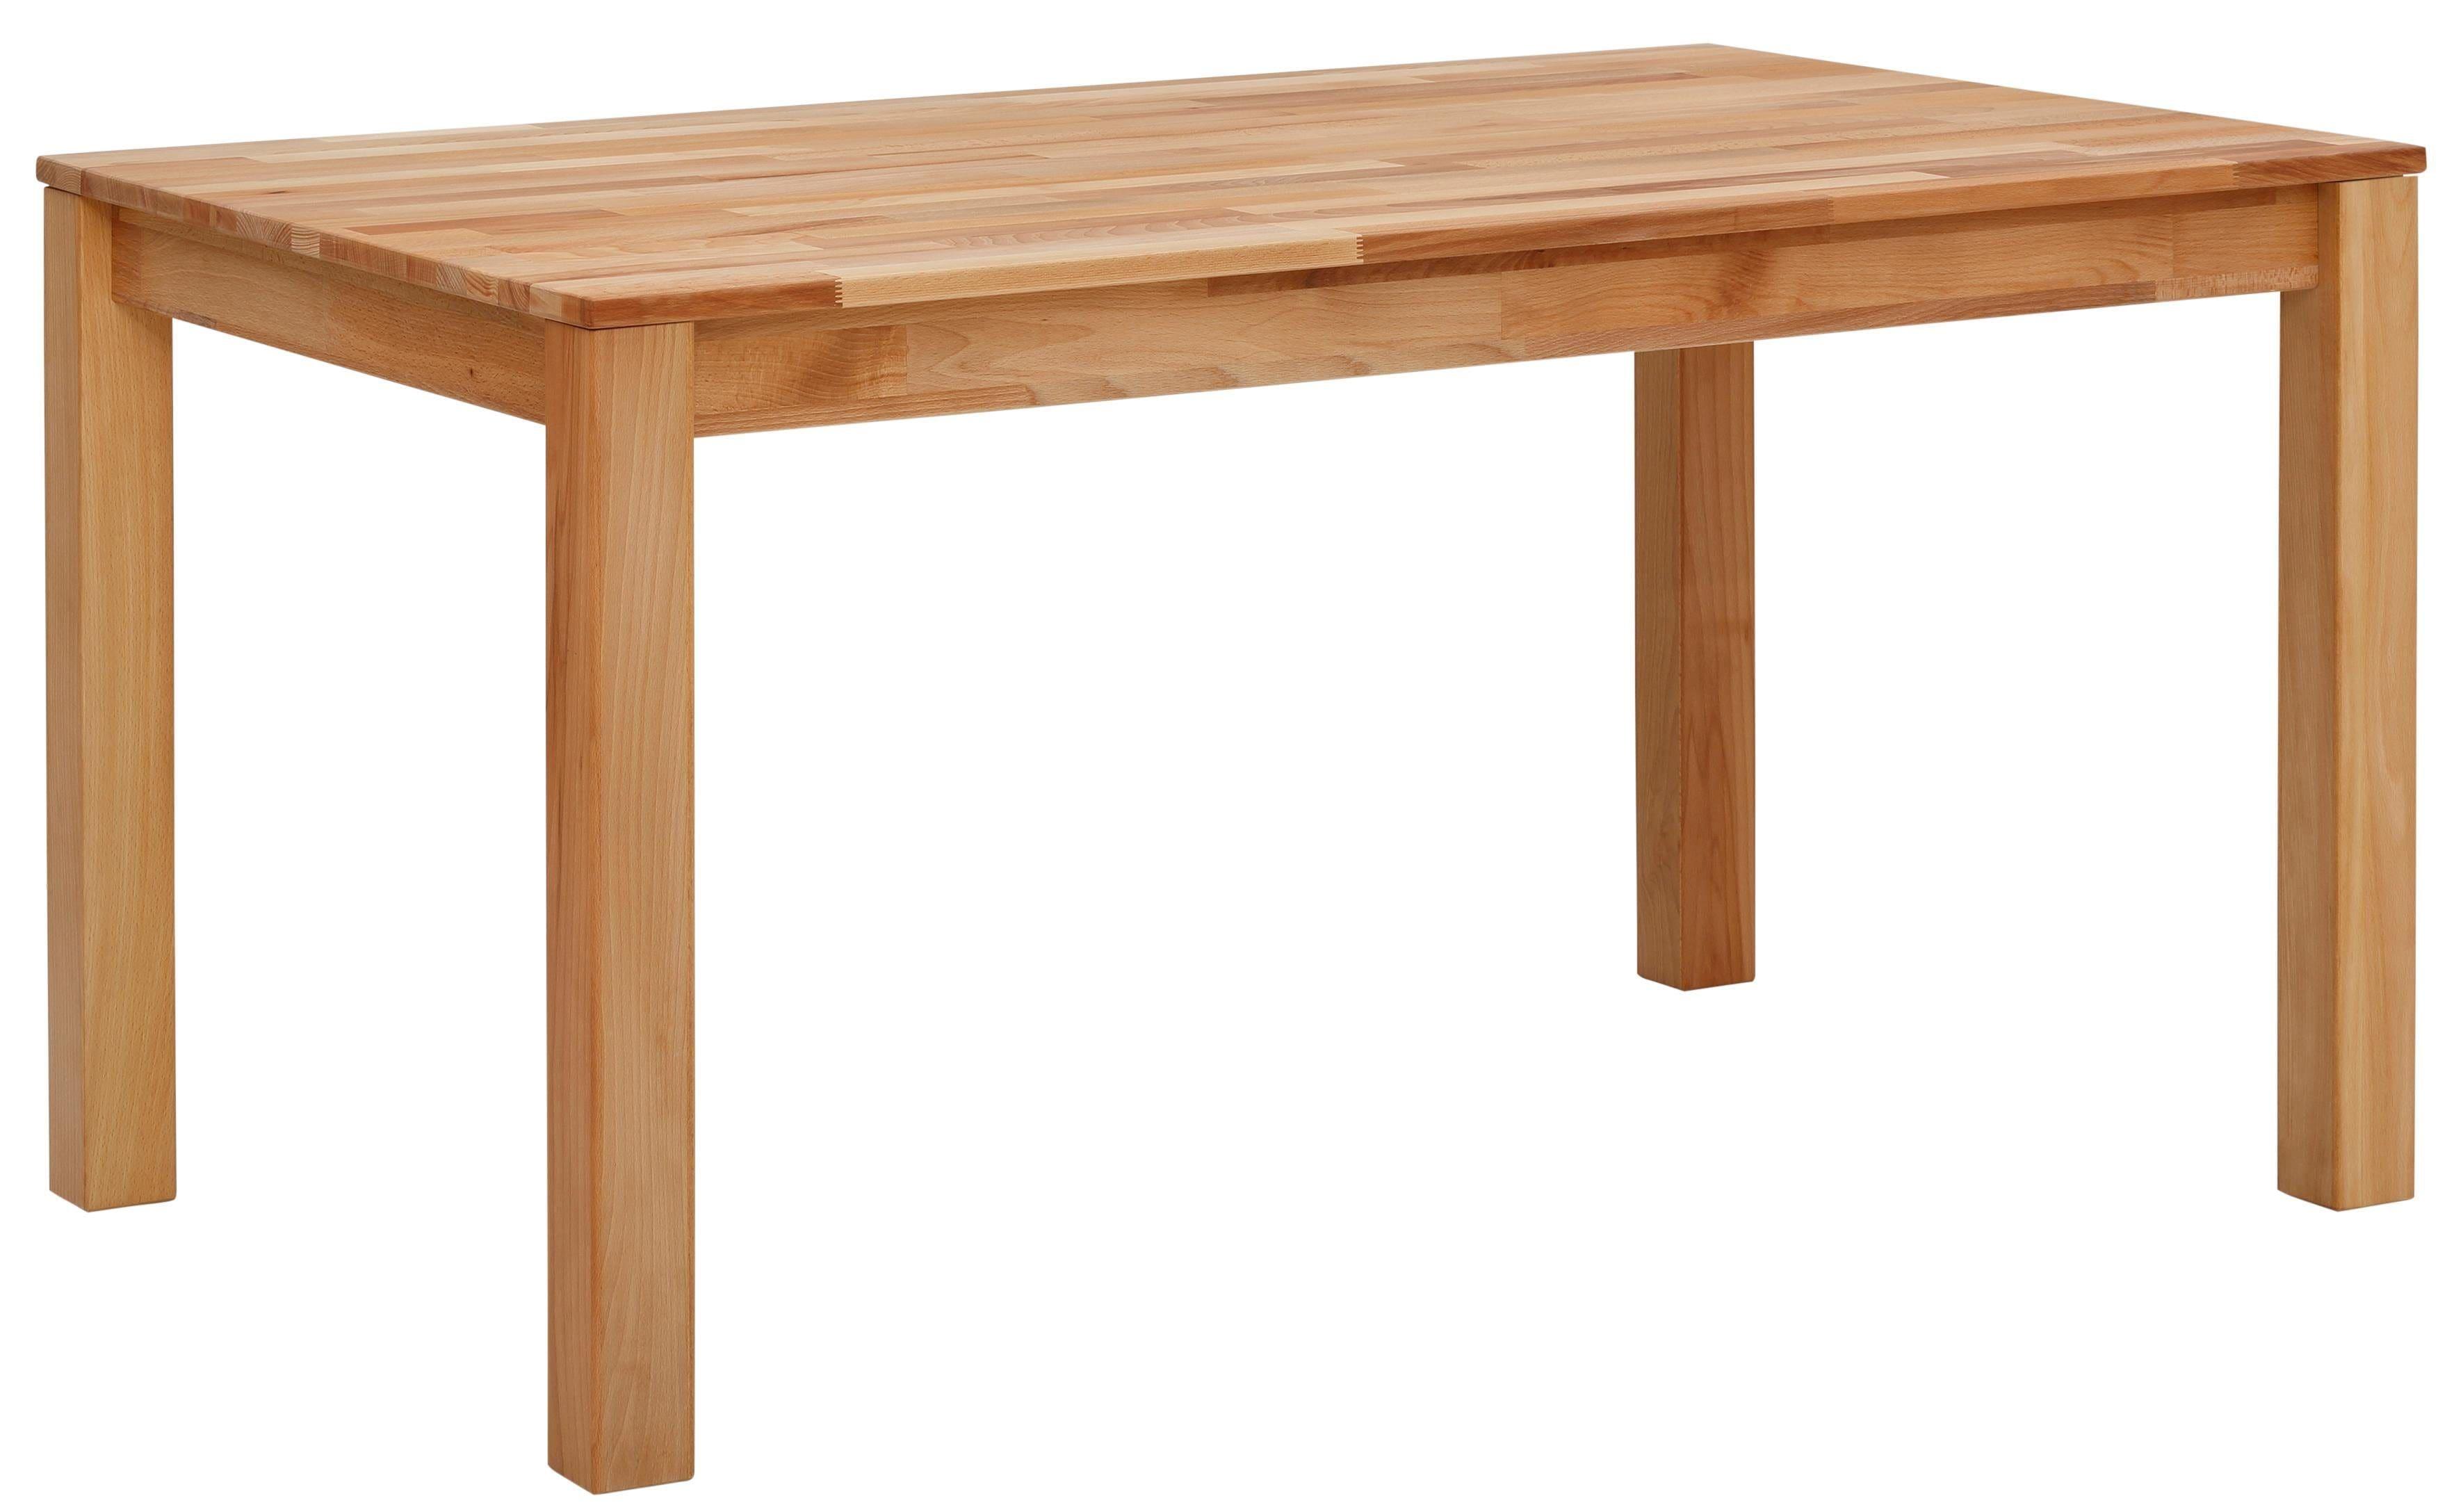 Holzzone Esstisch SÖREN Wohnen/Möbel/Tische/Holztische/Holz-Esstische